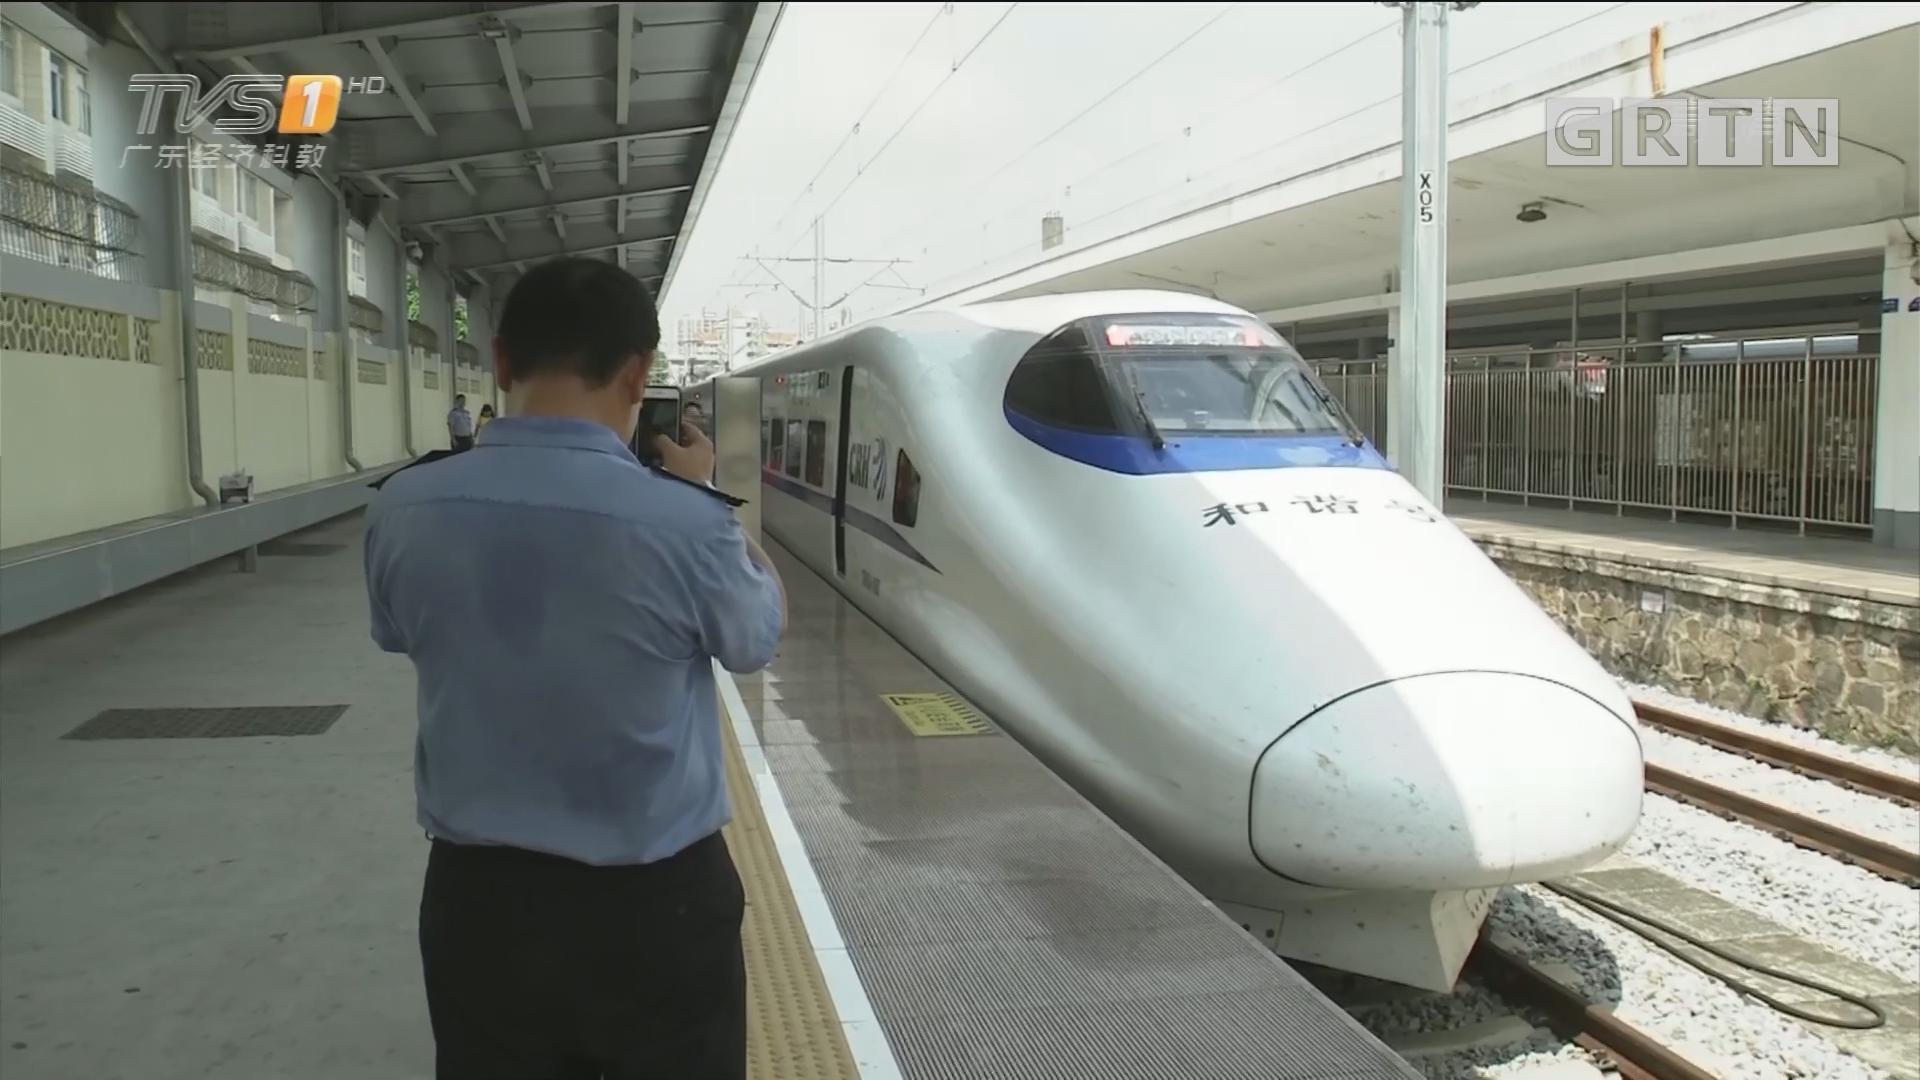 我的朋友圈 美好的生活:从普铁到高铁 职工记录广州站变化